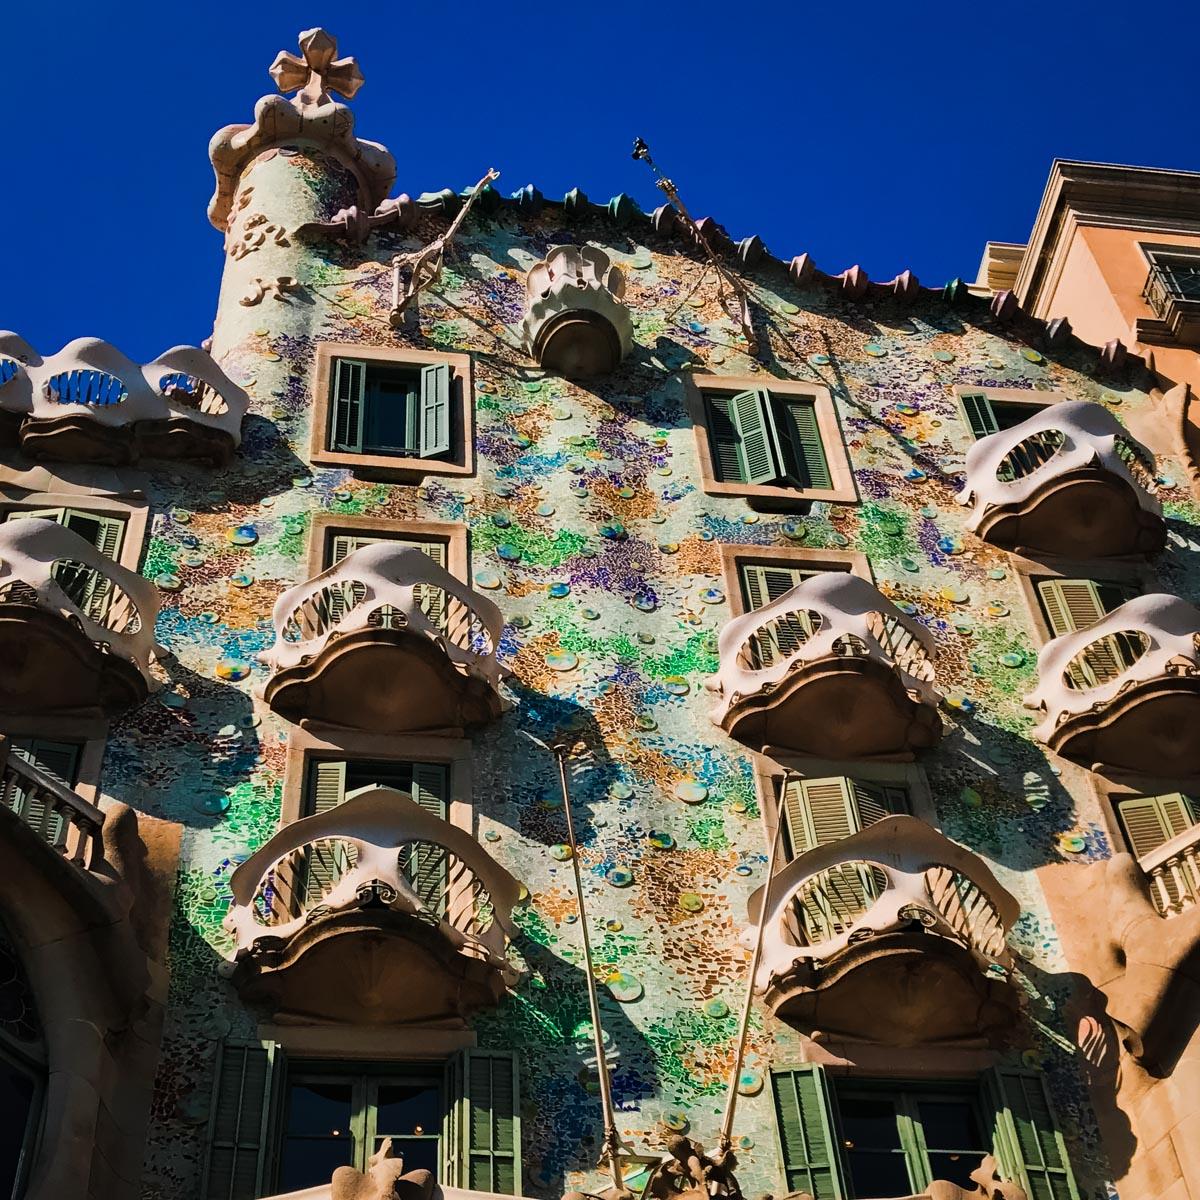 Casa Battlo facade